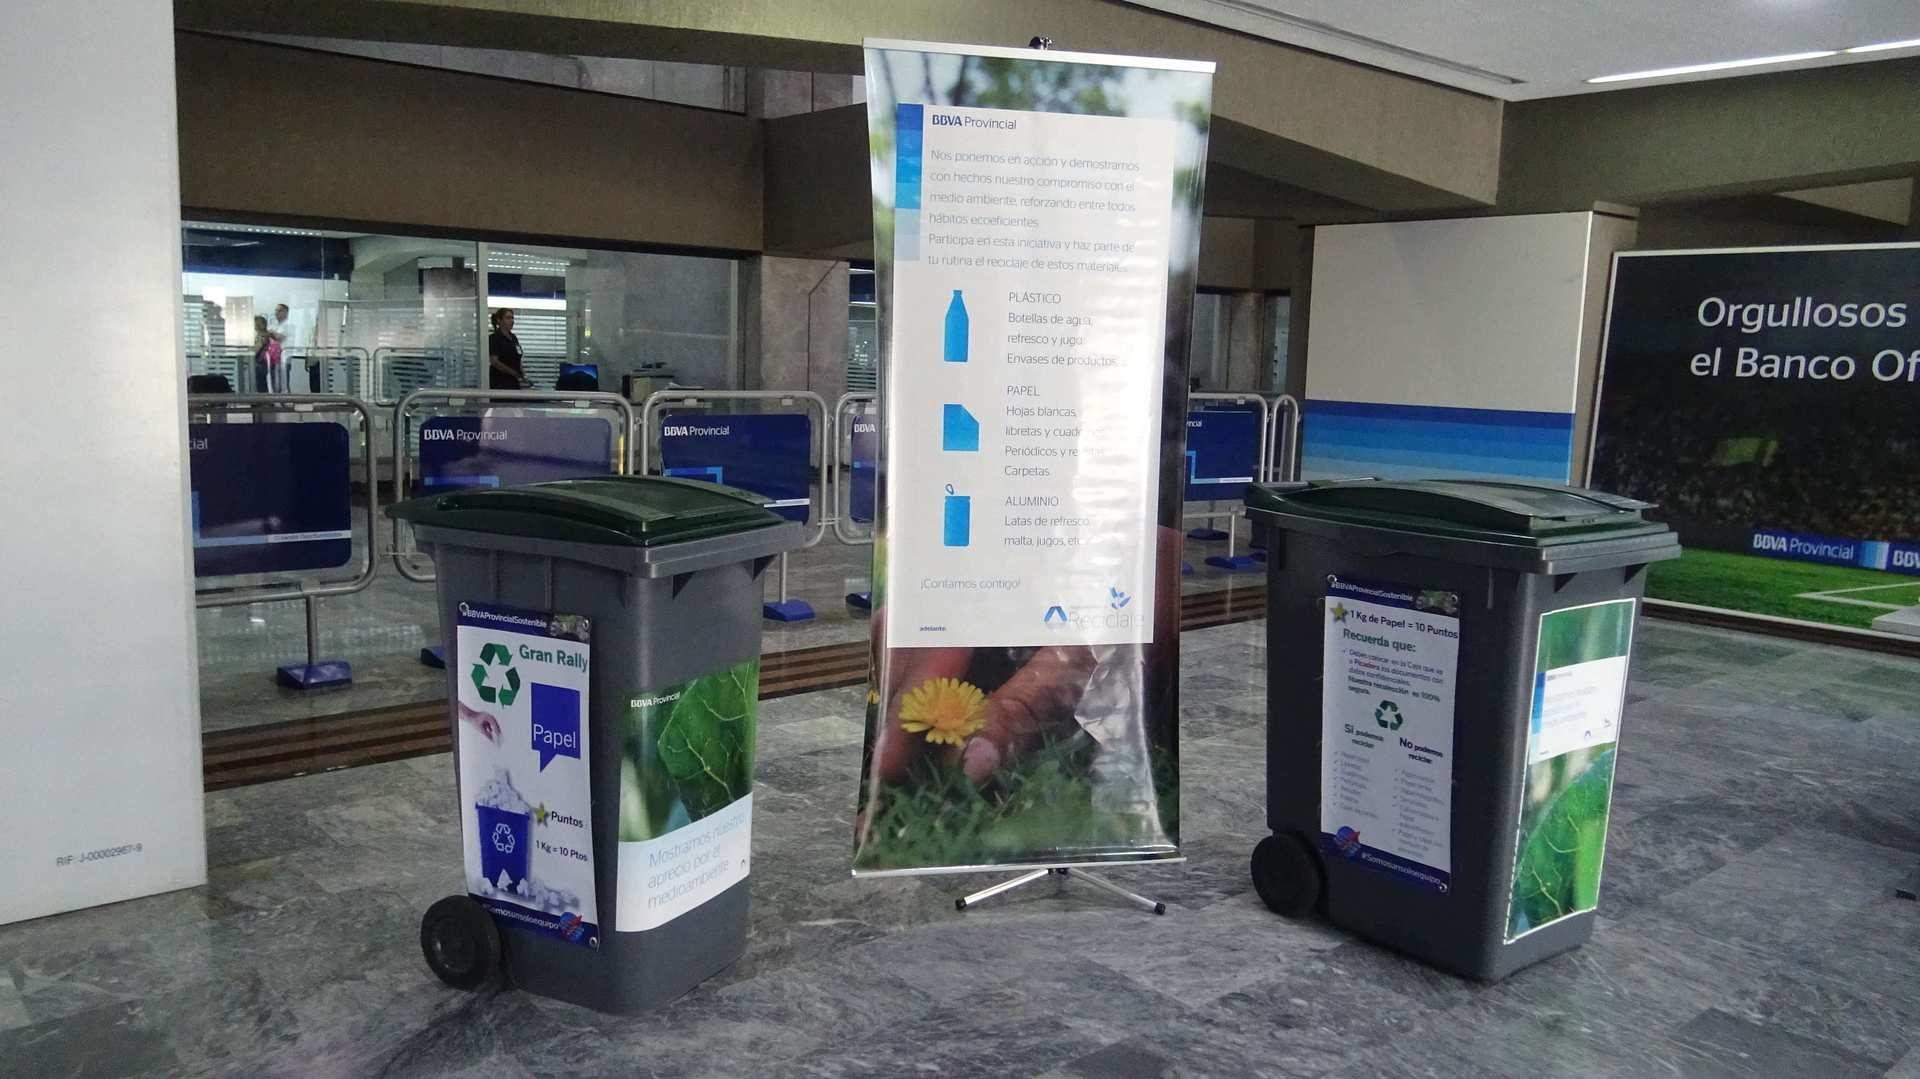 BBVA Provincial reciclaje